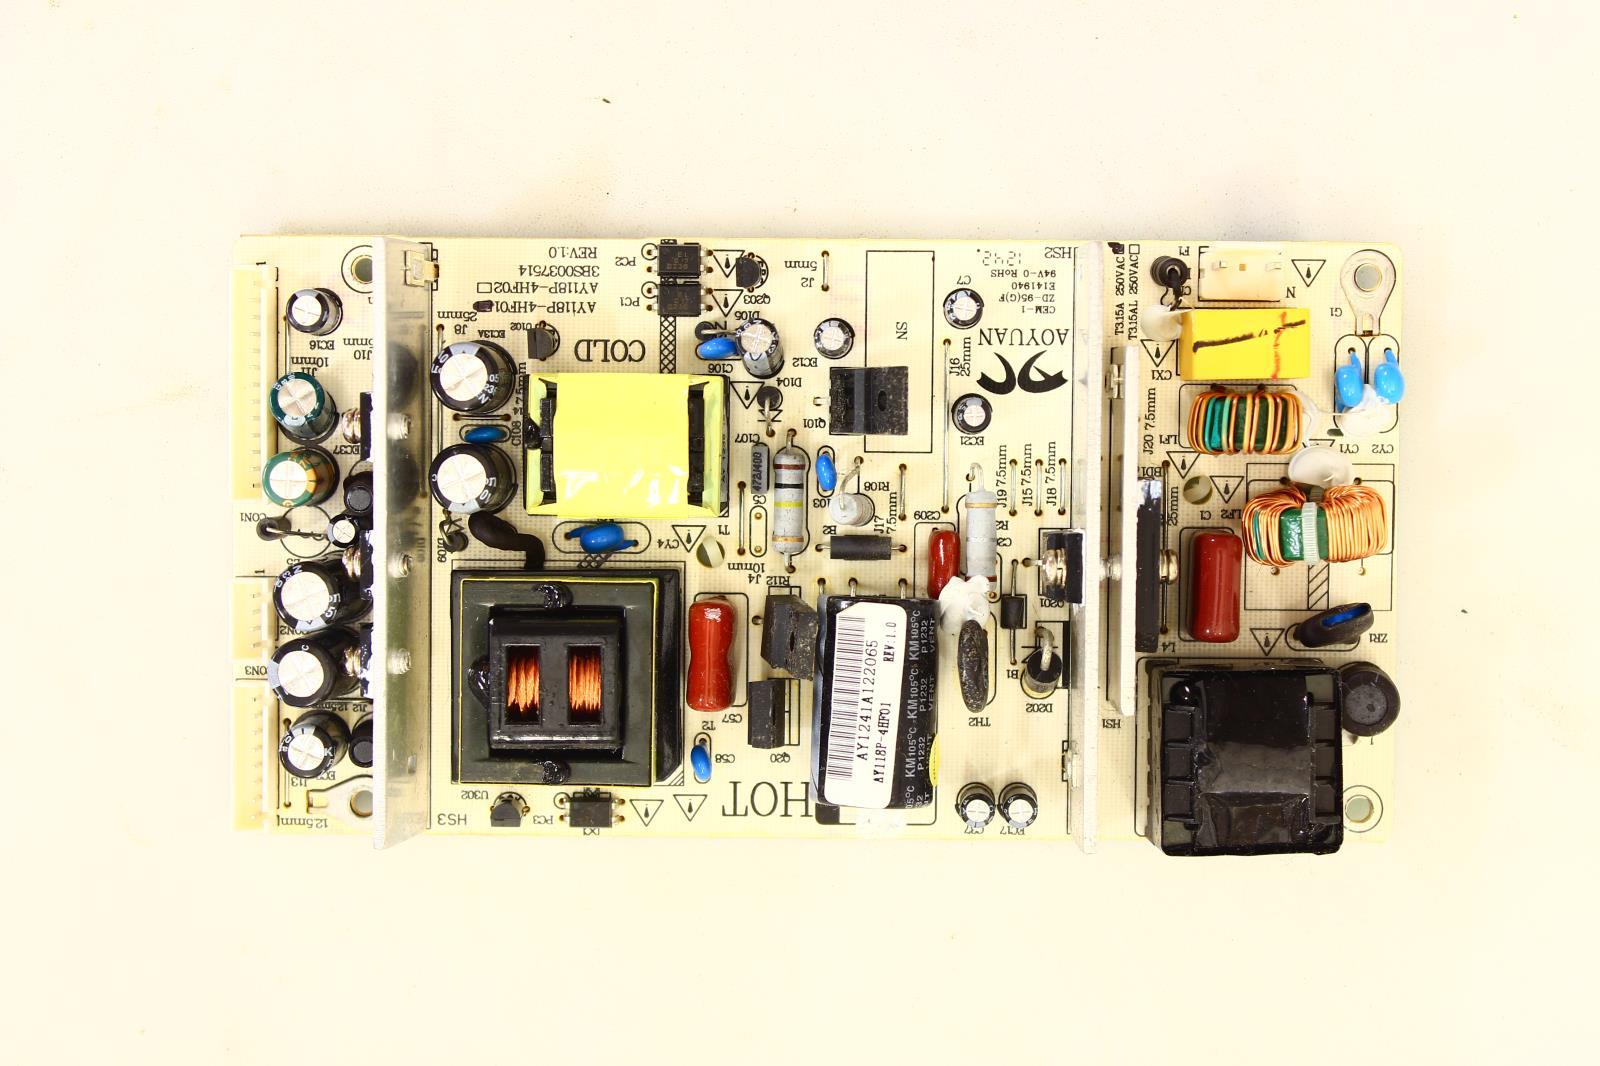 Sceptre X322bv Hd Power Supply Unit Ay118p 4hf01 Tvparts At